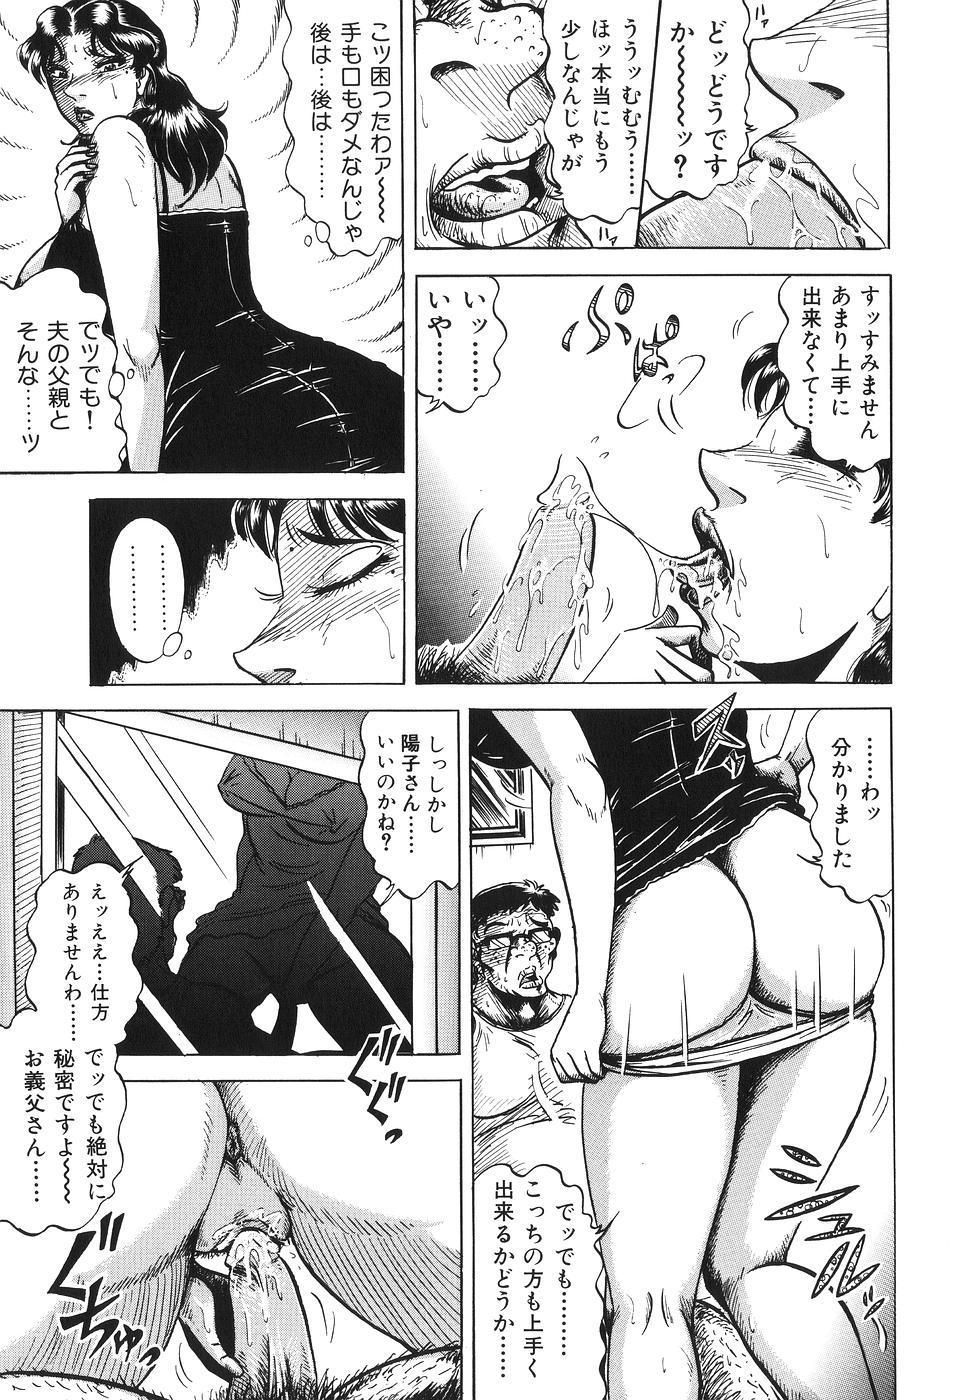 Jukubo Soukan Yosoji no Tawamure 46